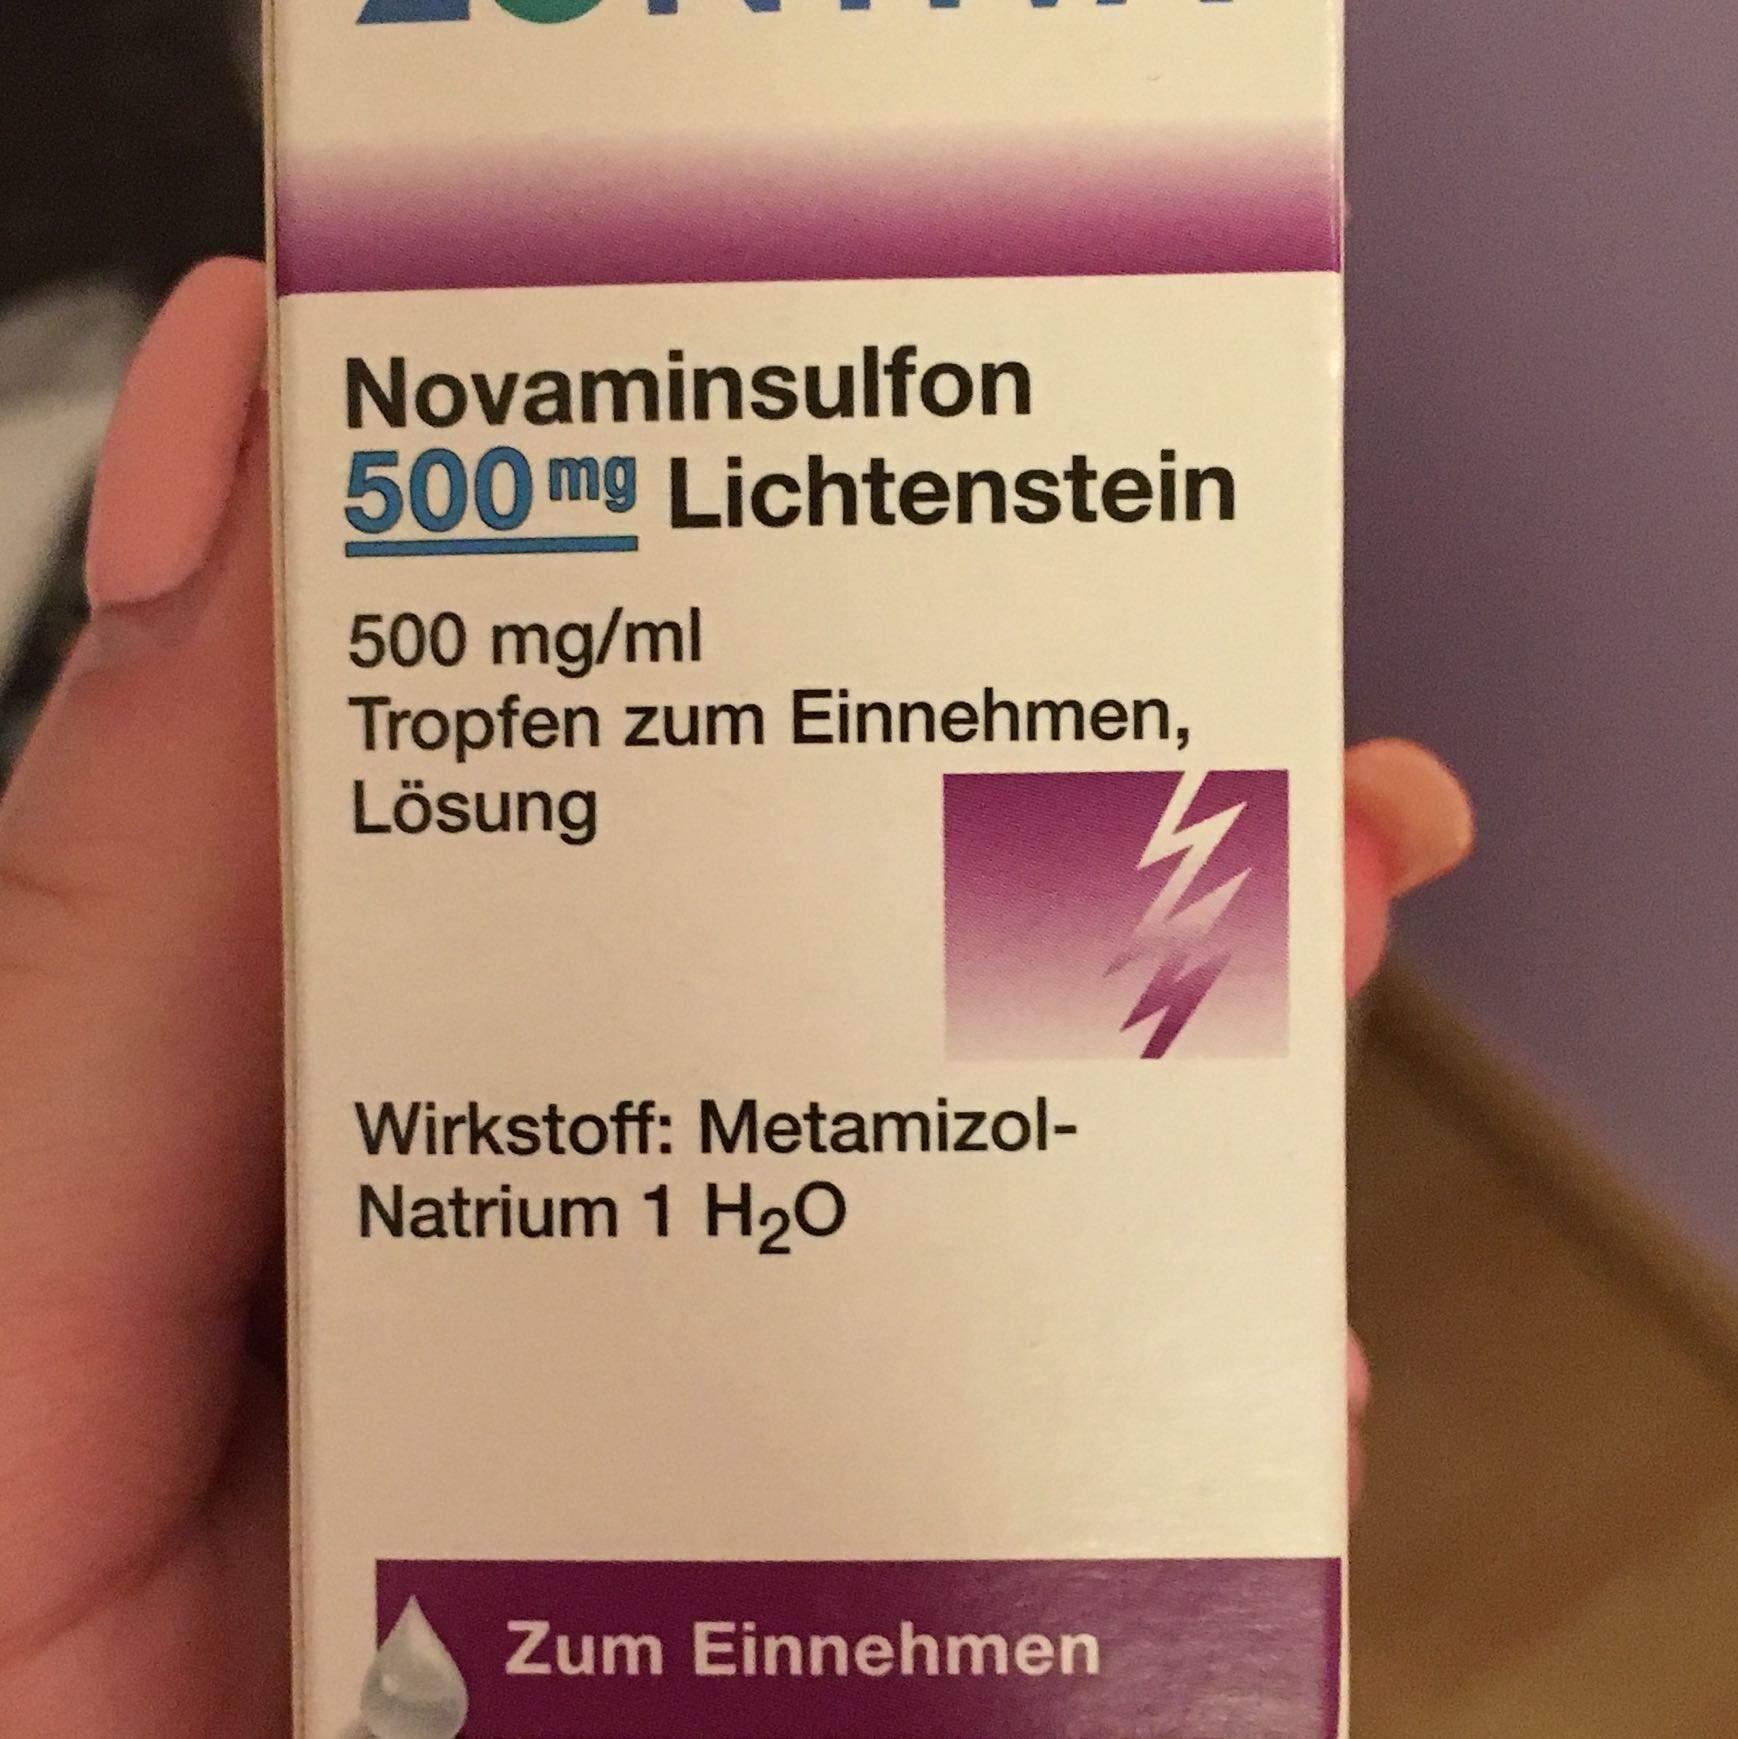 Tramadol und ibuprofen zusammen nehmen